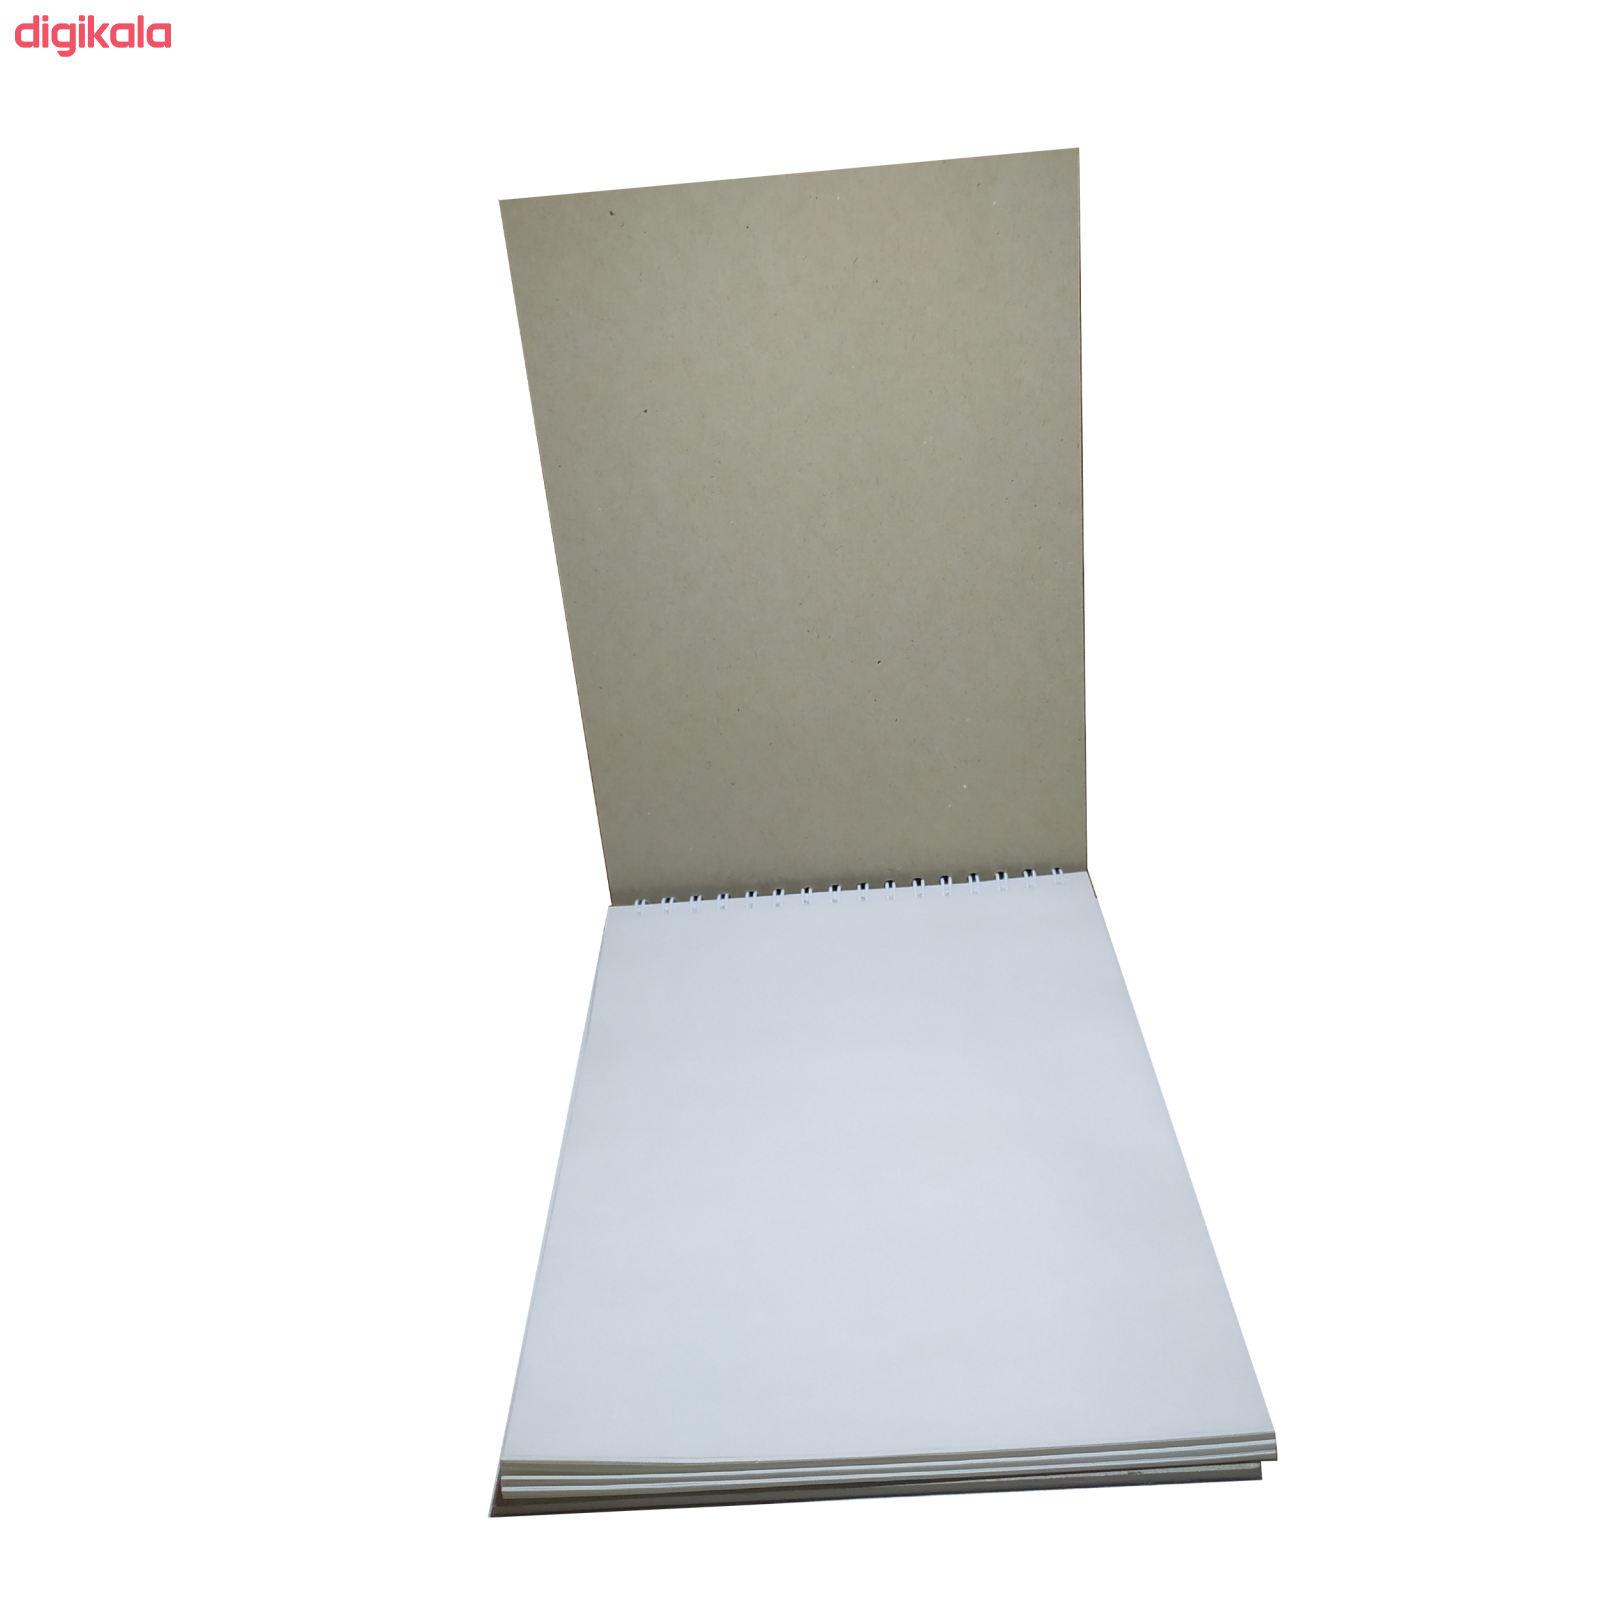 دفتر طراحی مدل H&M کد G 52  main 1 2